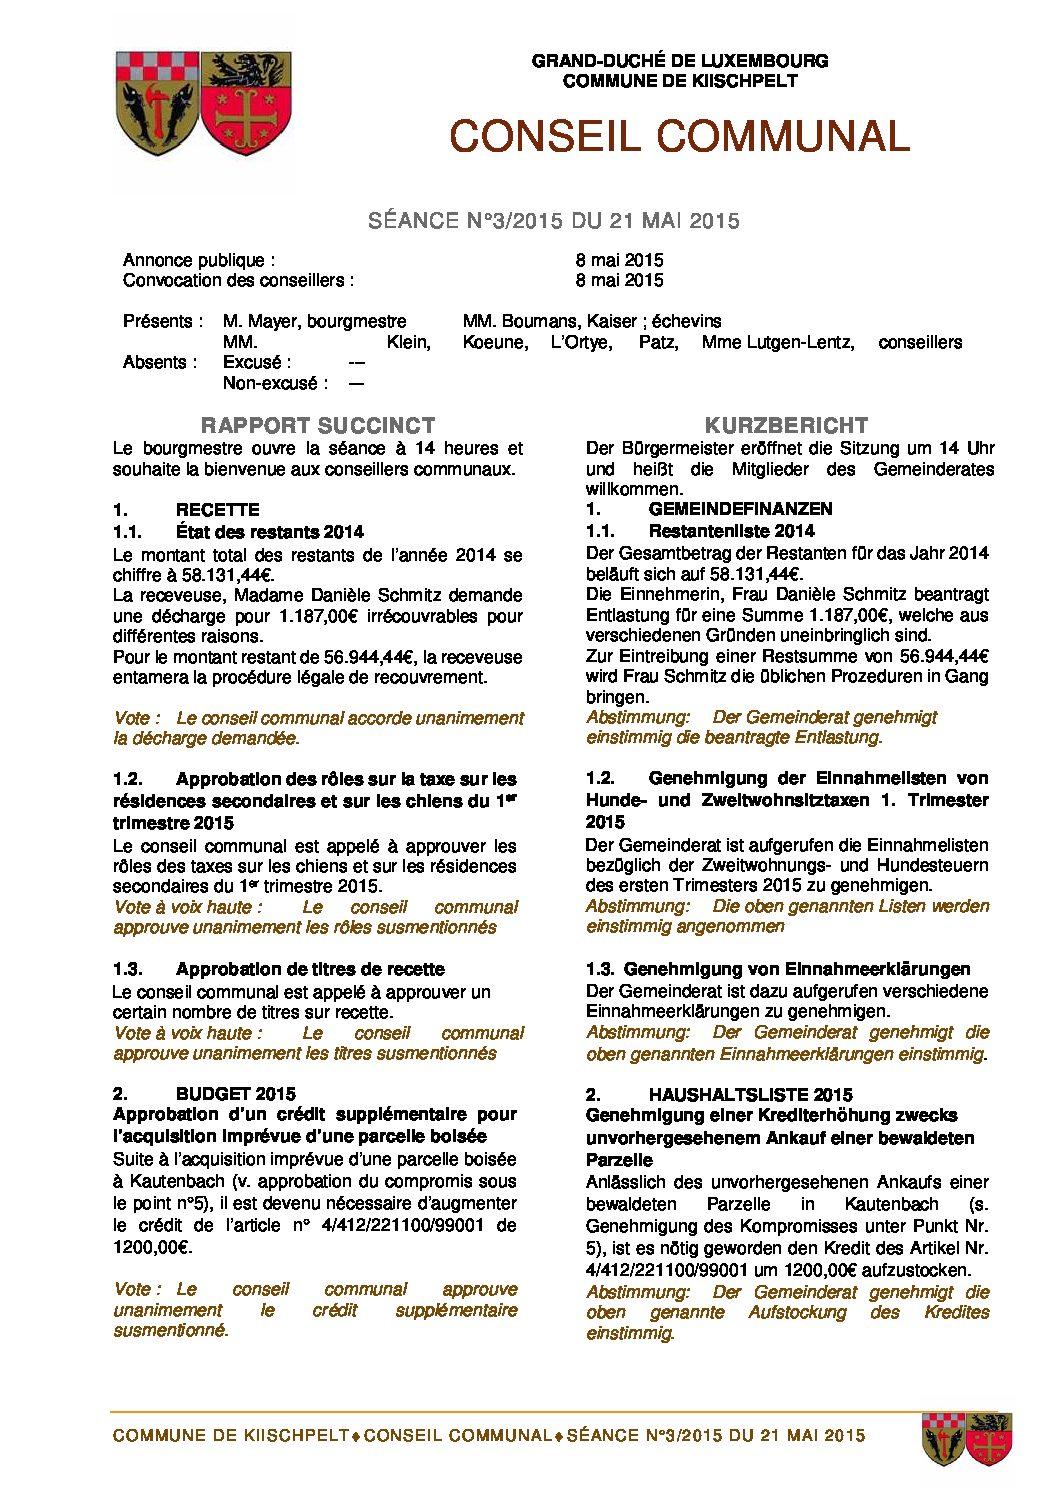 Gemeinderats Bericht vom 21.05.2015